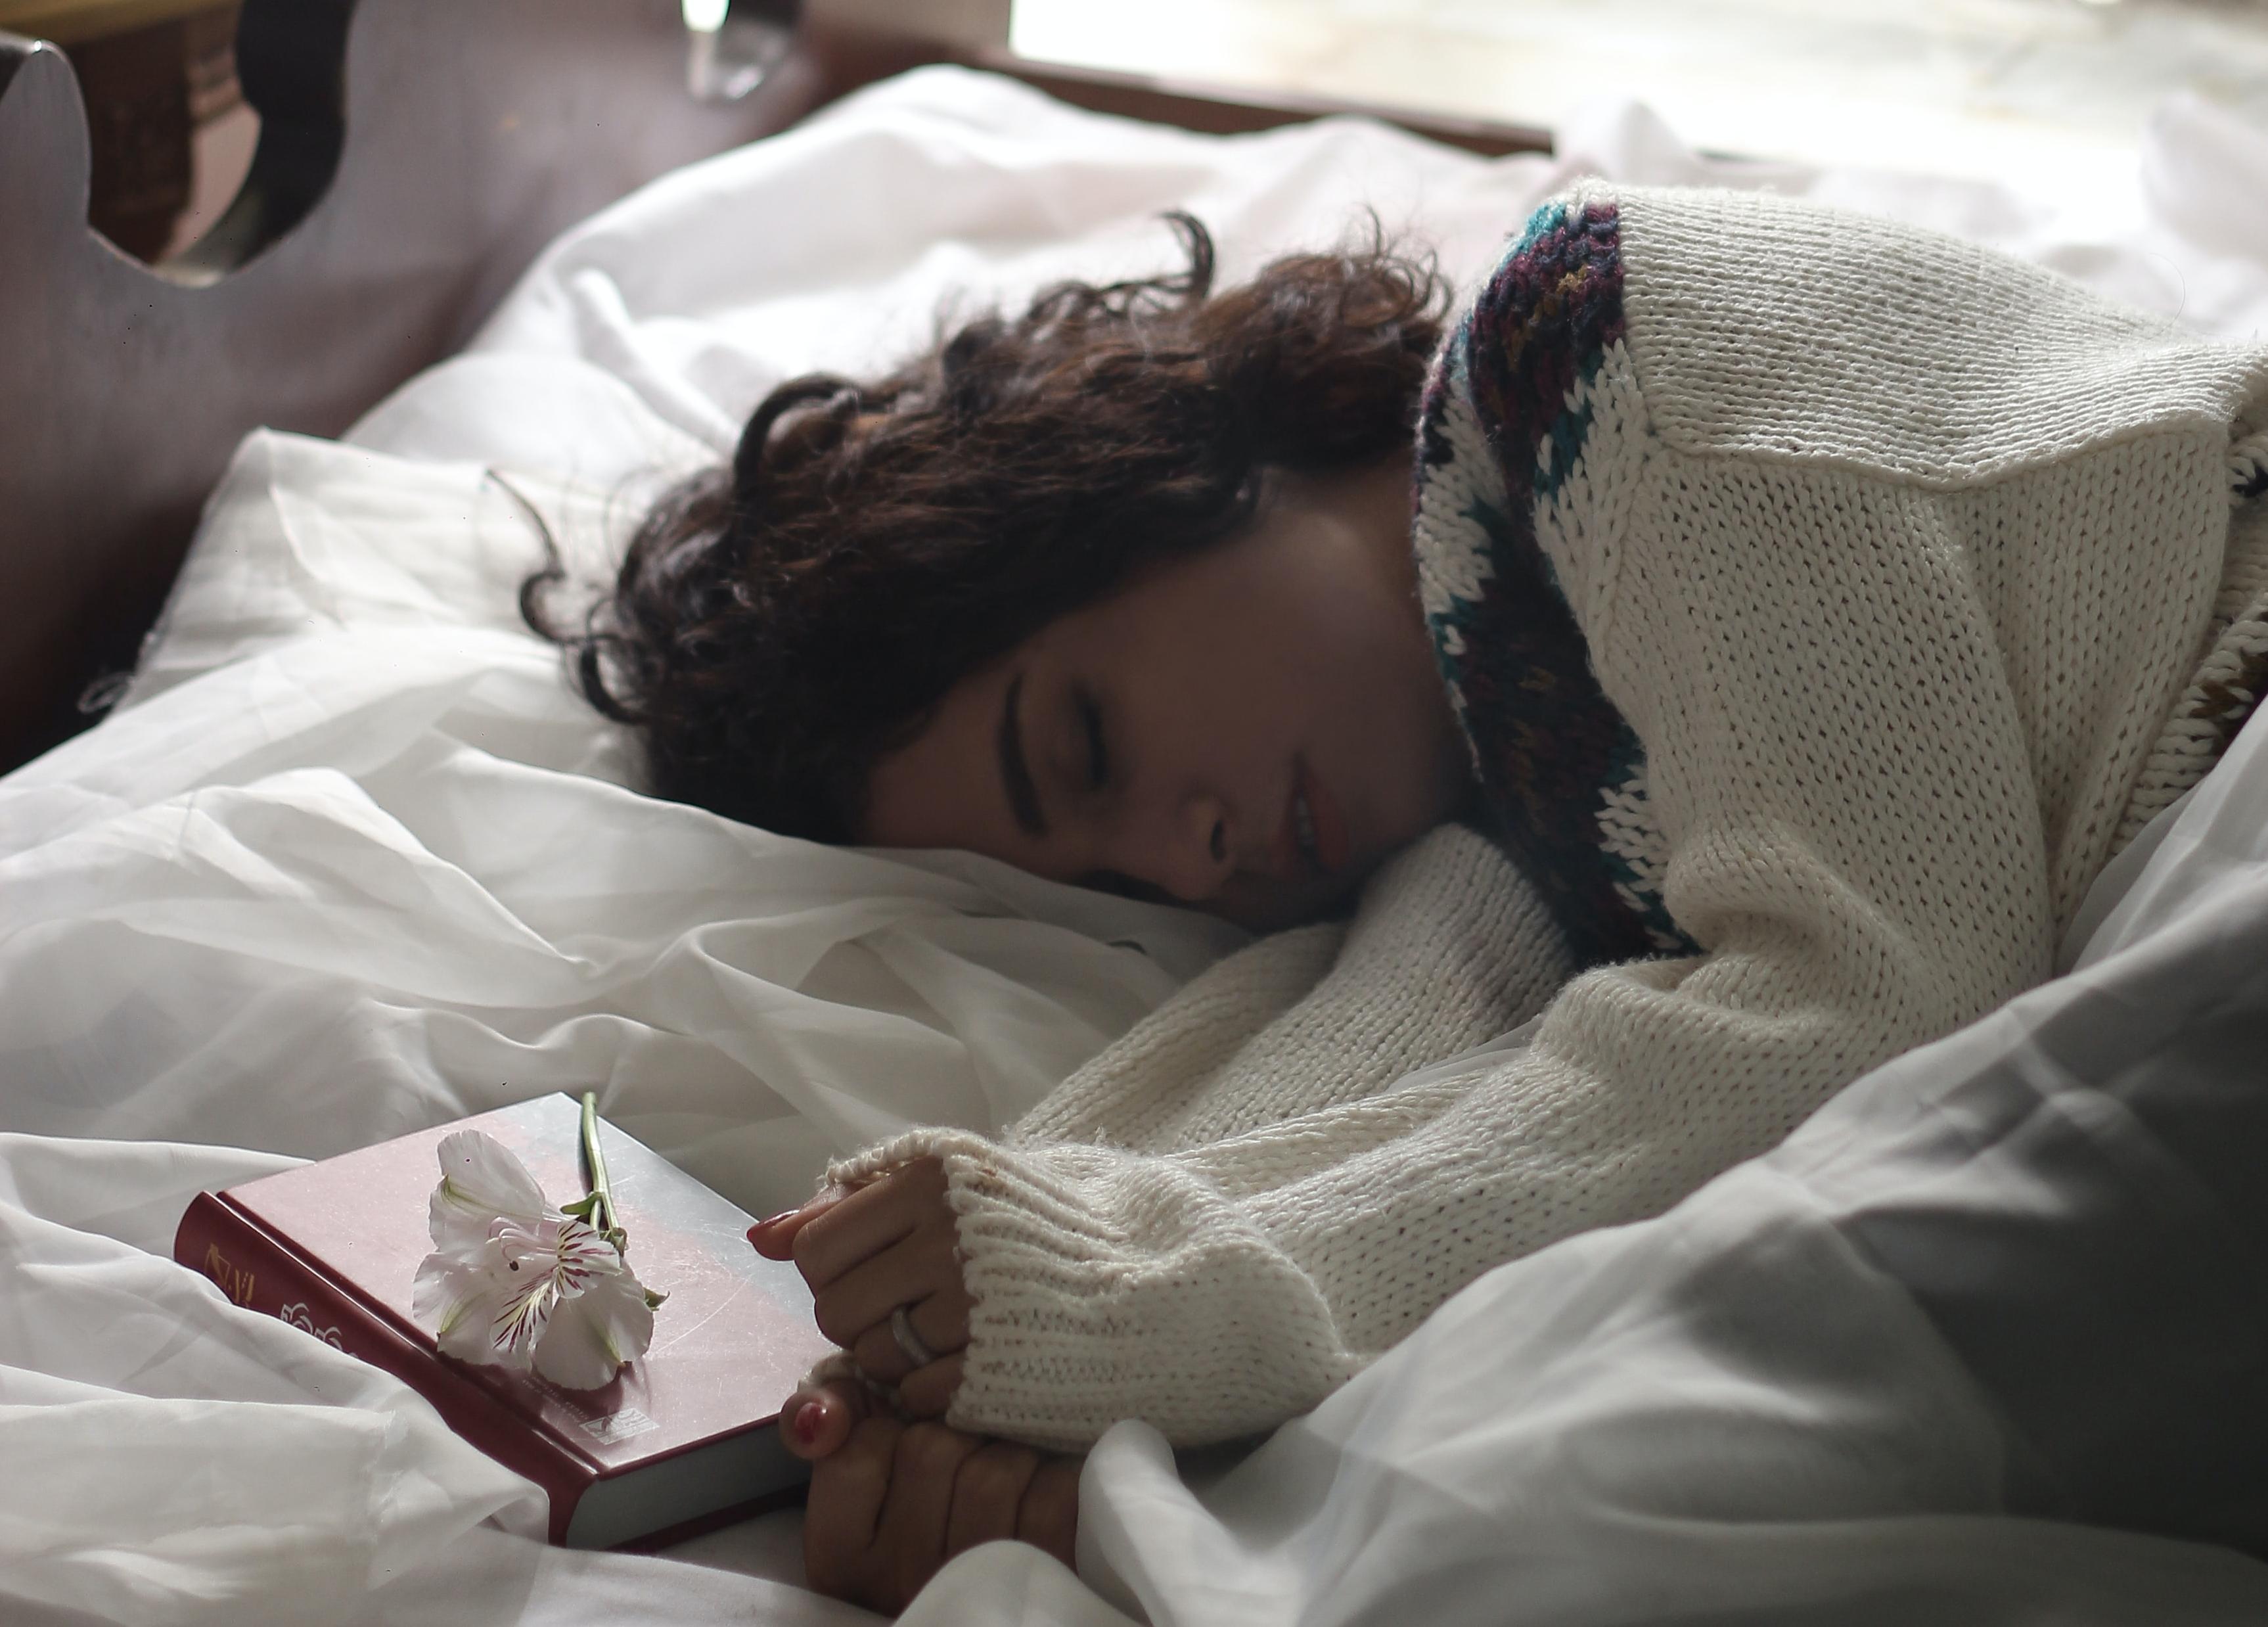 Eine Frau liegt schlafend neben einem Buch